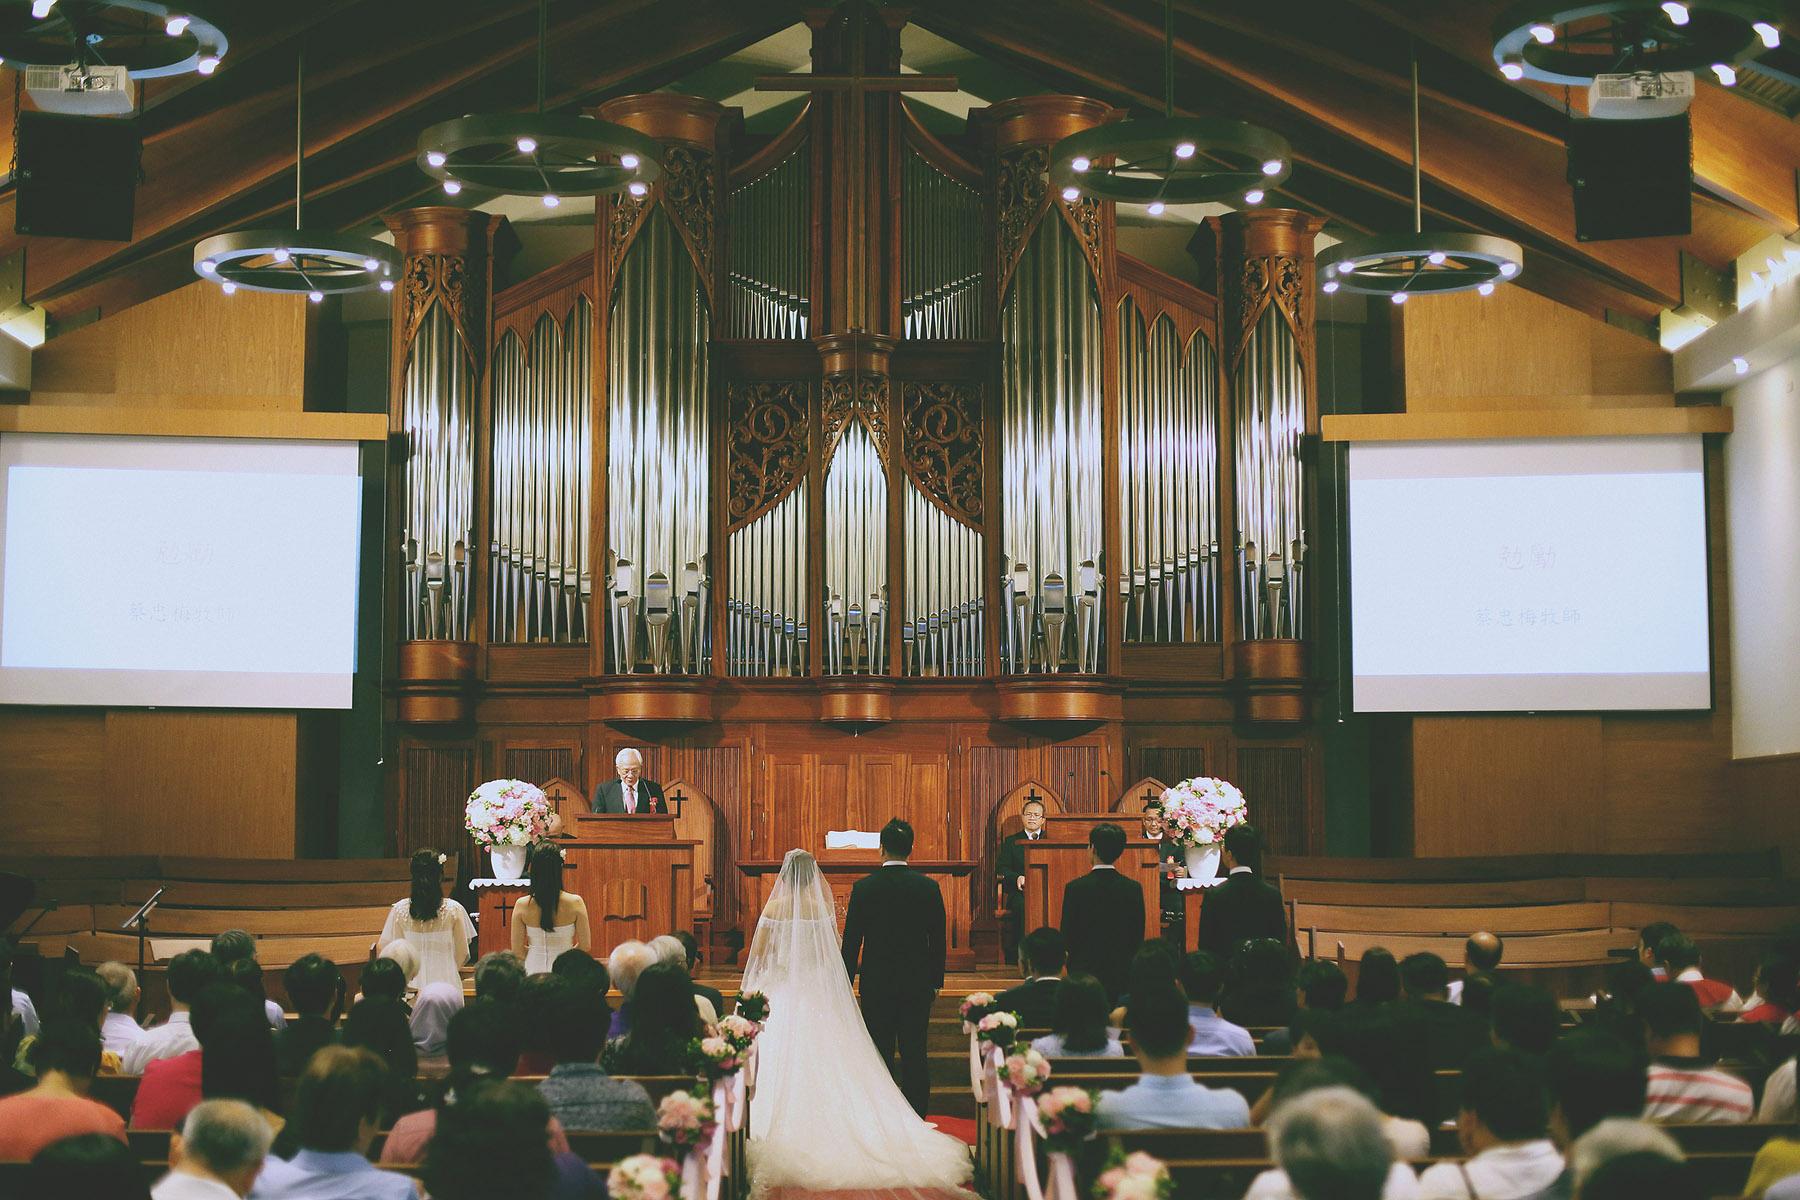 底片婚攝,婚禮攝影,電影風格,台北婚攝推薦,婚攝,婚禮紀錄,底片風格,基督徒,大稻埕基督長老教會,進場